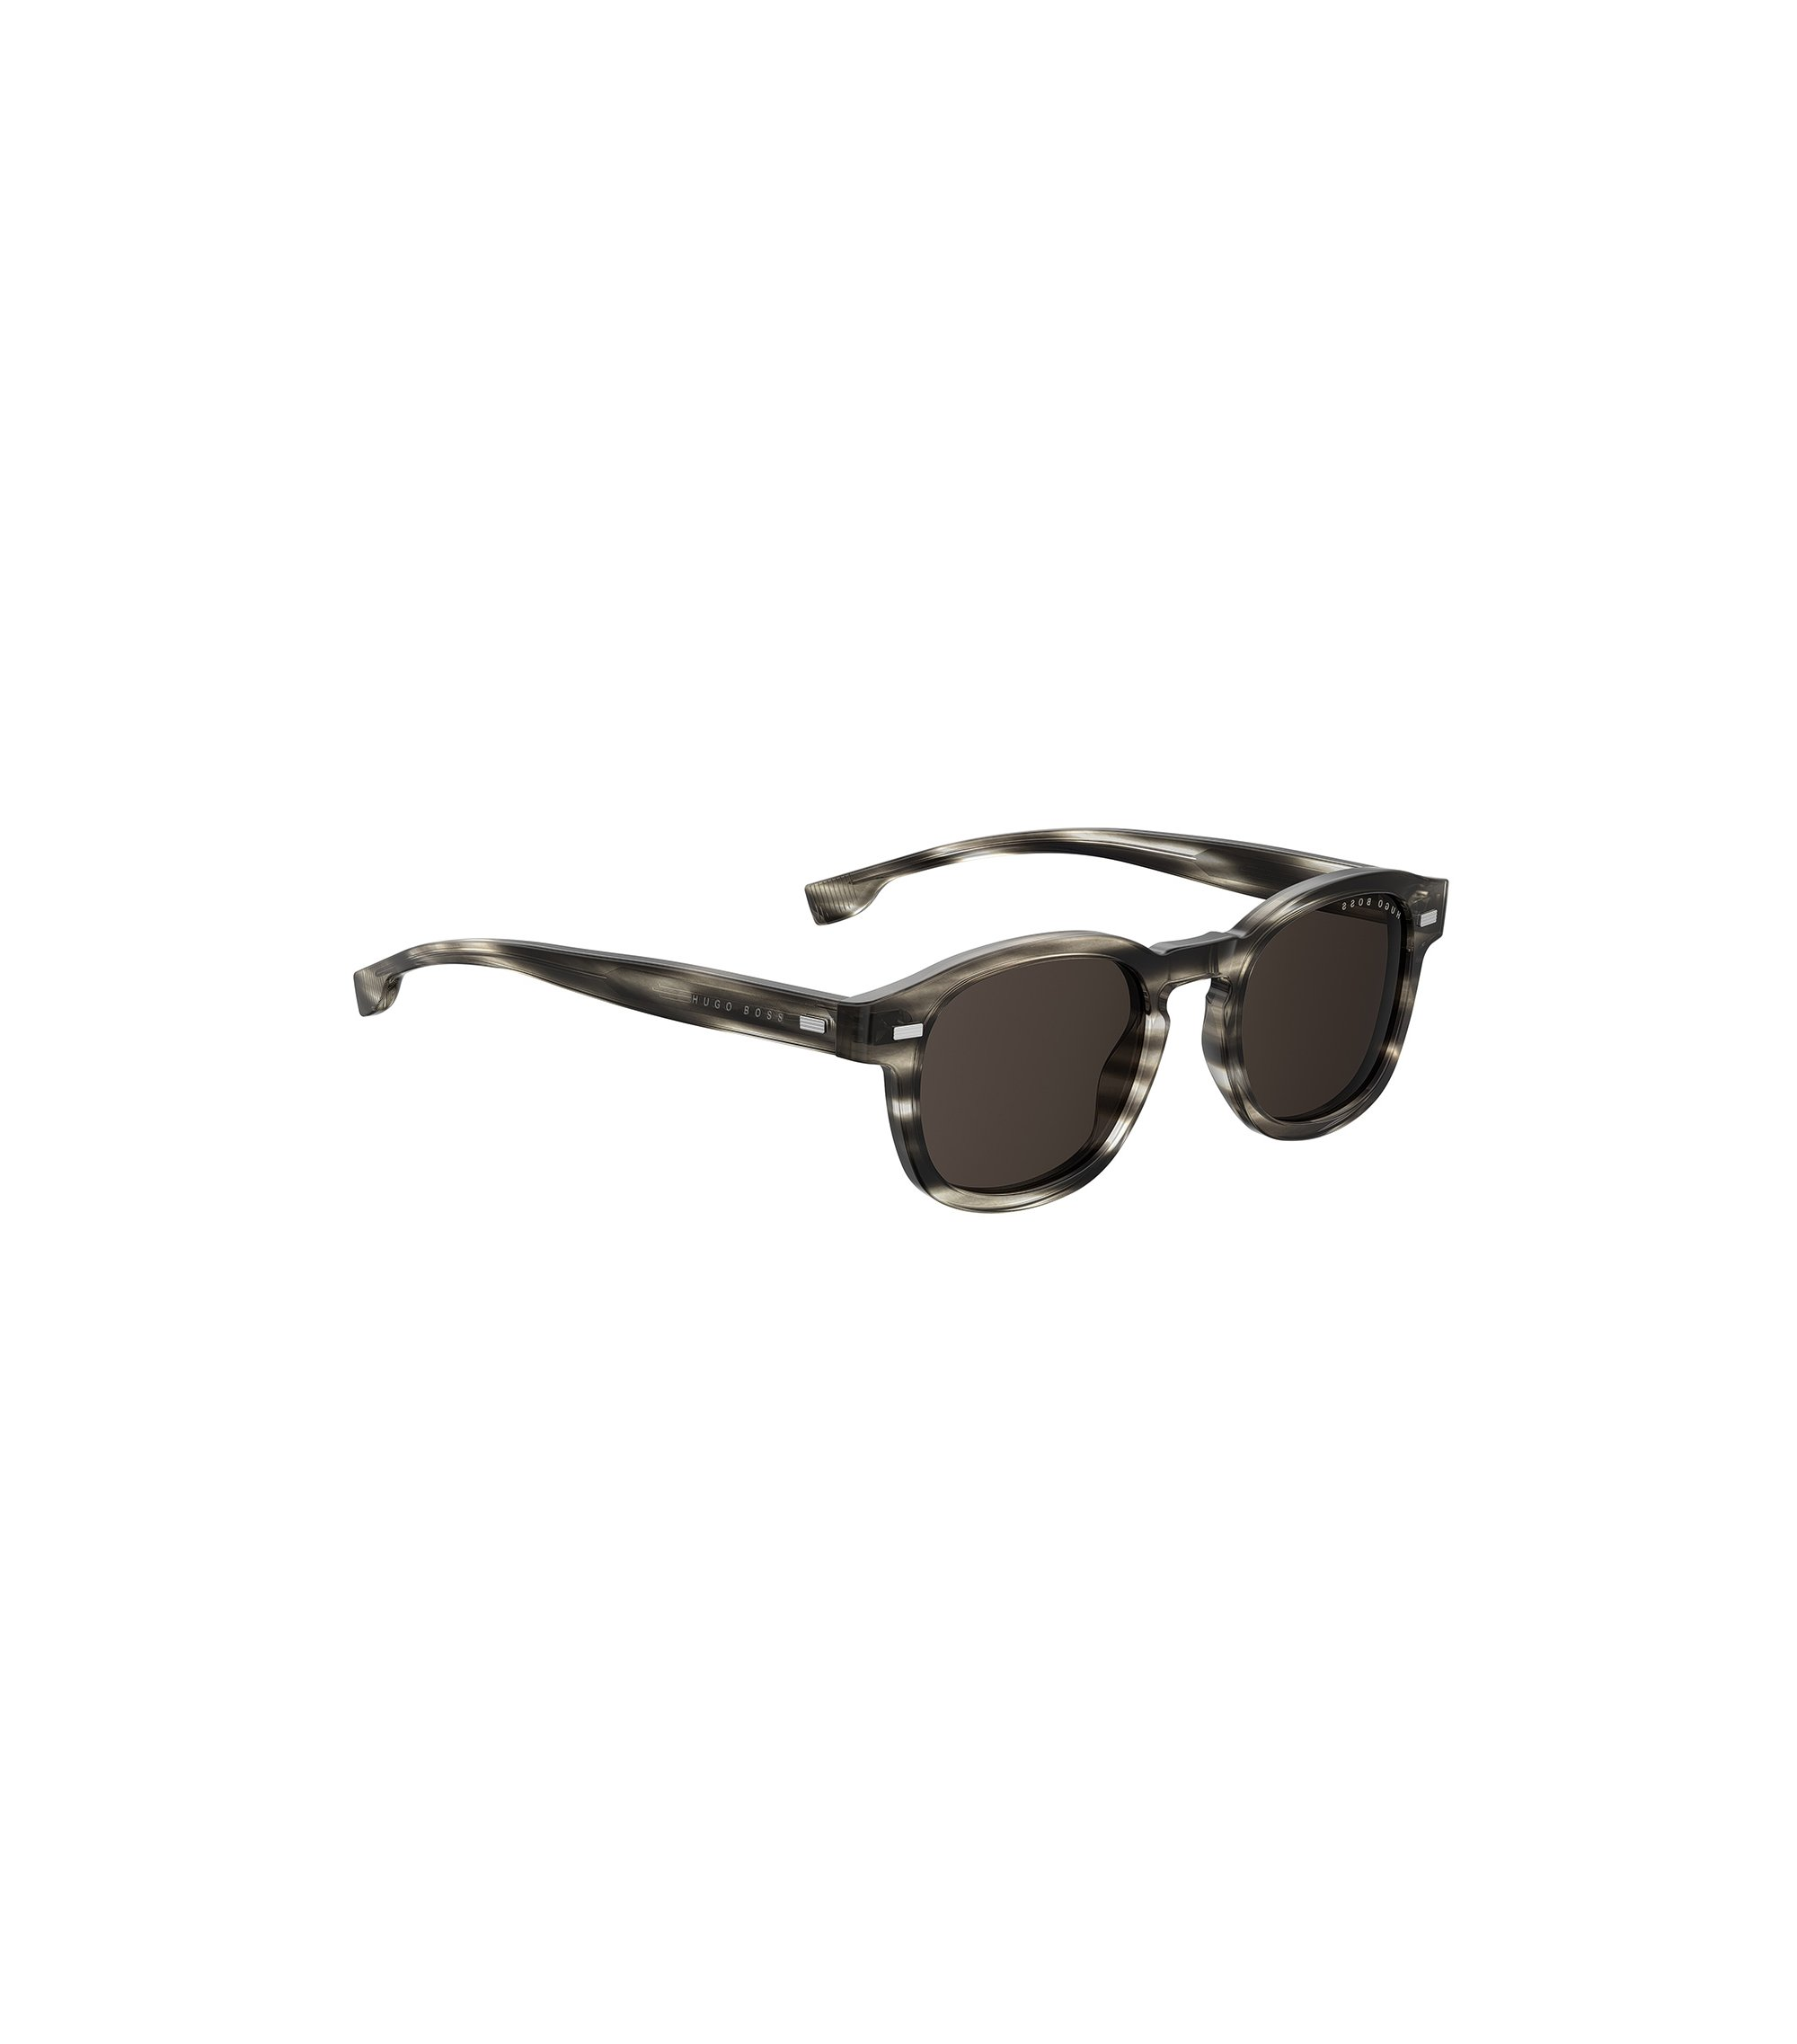 Sonnenbrille aus Acetat mit Schlüssellochsteg und monochromem Havanna-Muster, Gemustert